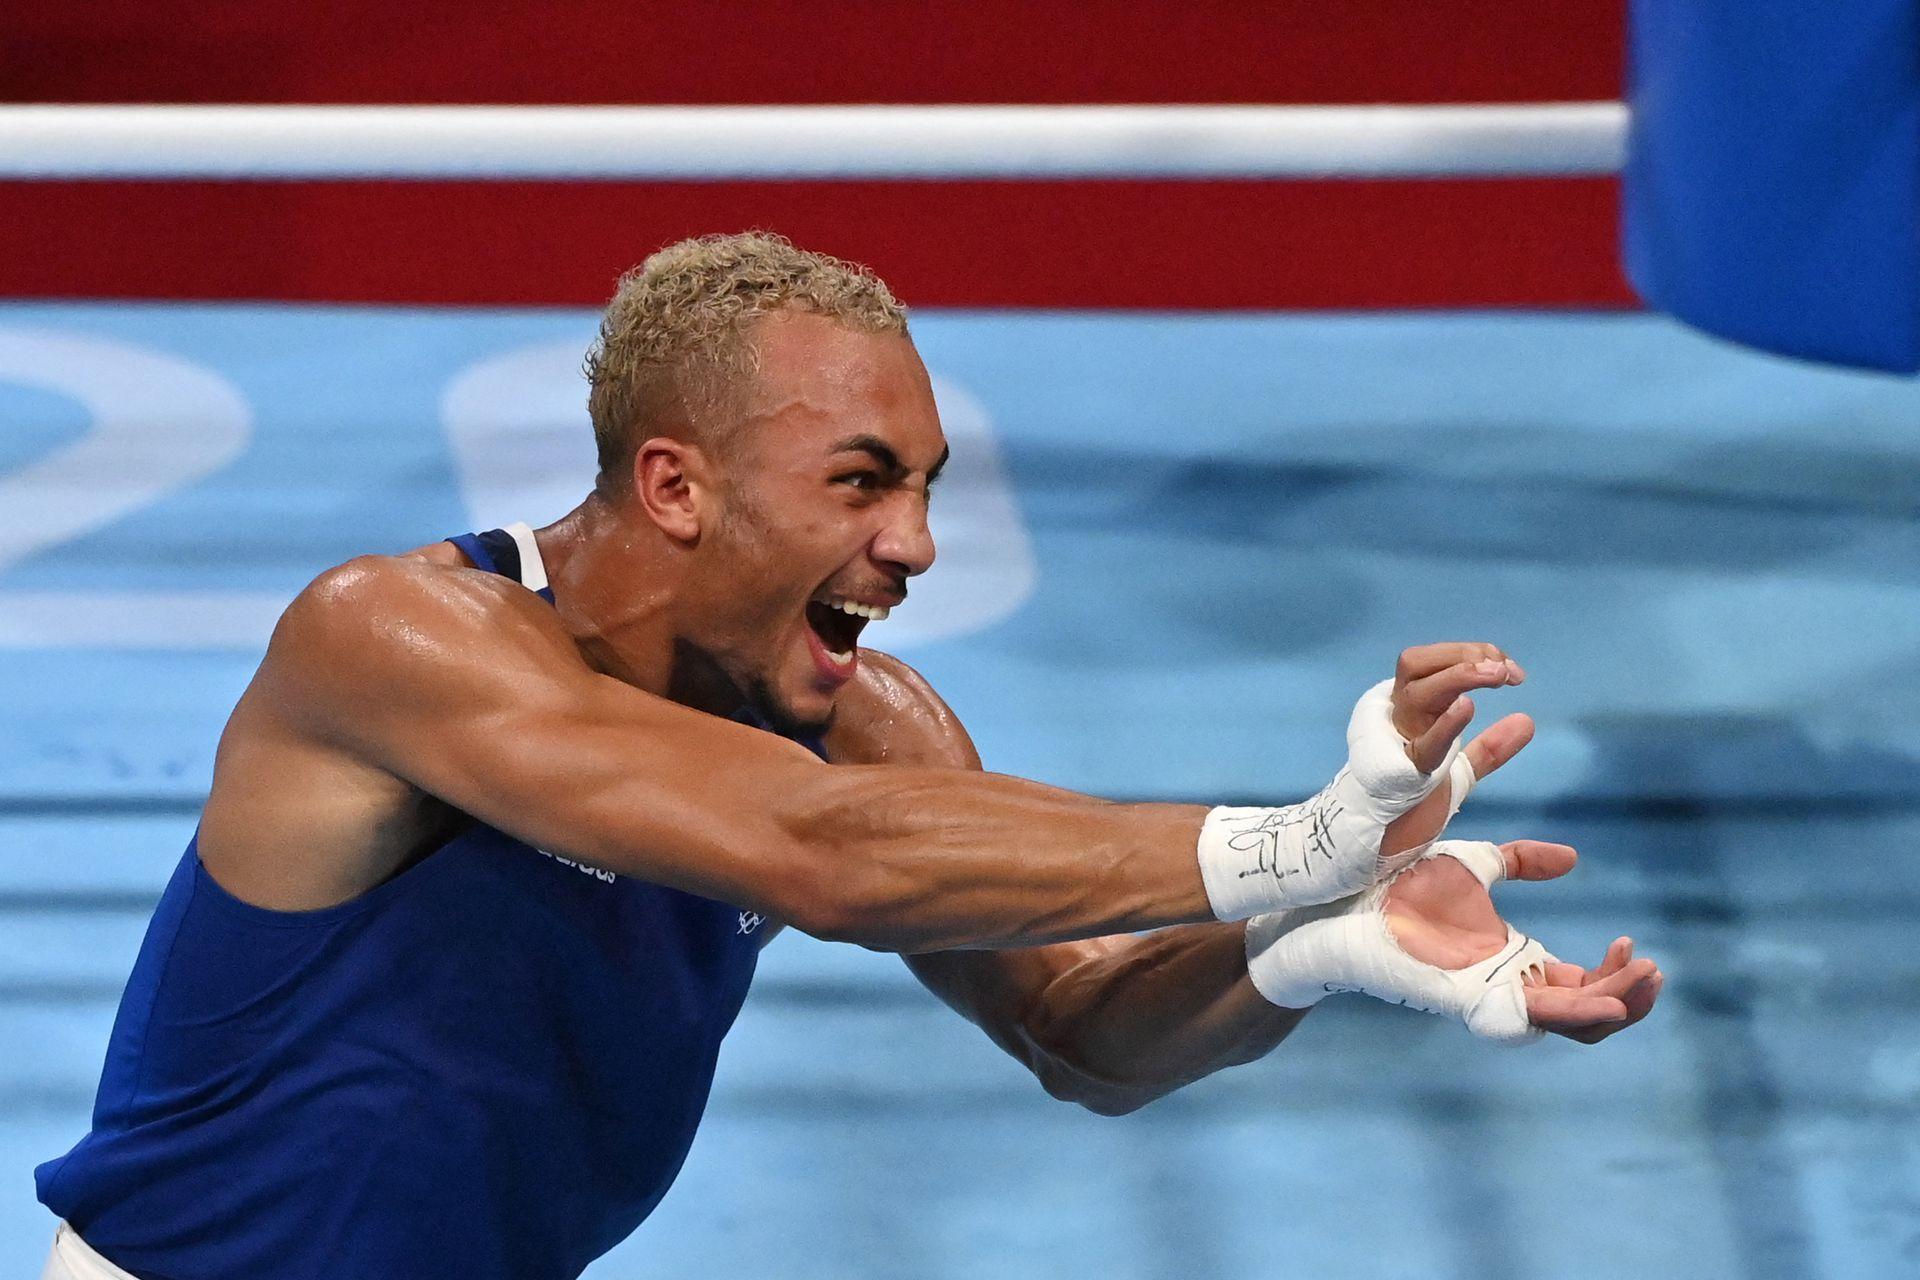 El británico Benjamin Whittaker (azul) celebra después de ganar contra el brasileño Keno Machado después de su combate de boxeo de cuartos de final de peso ligero masculino (75-81 kg) durante los Juegos Olímpicos de Tokio 2020 en el Kokugikan Arena de Tokio el 30 de julio de 2021